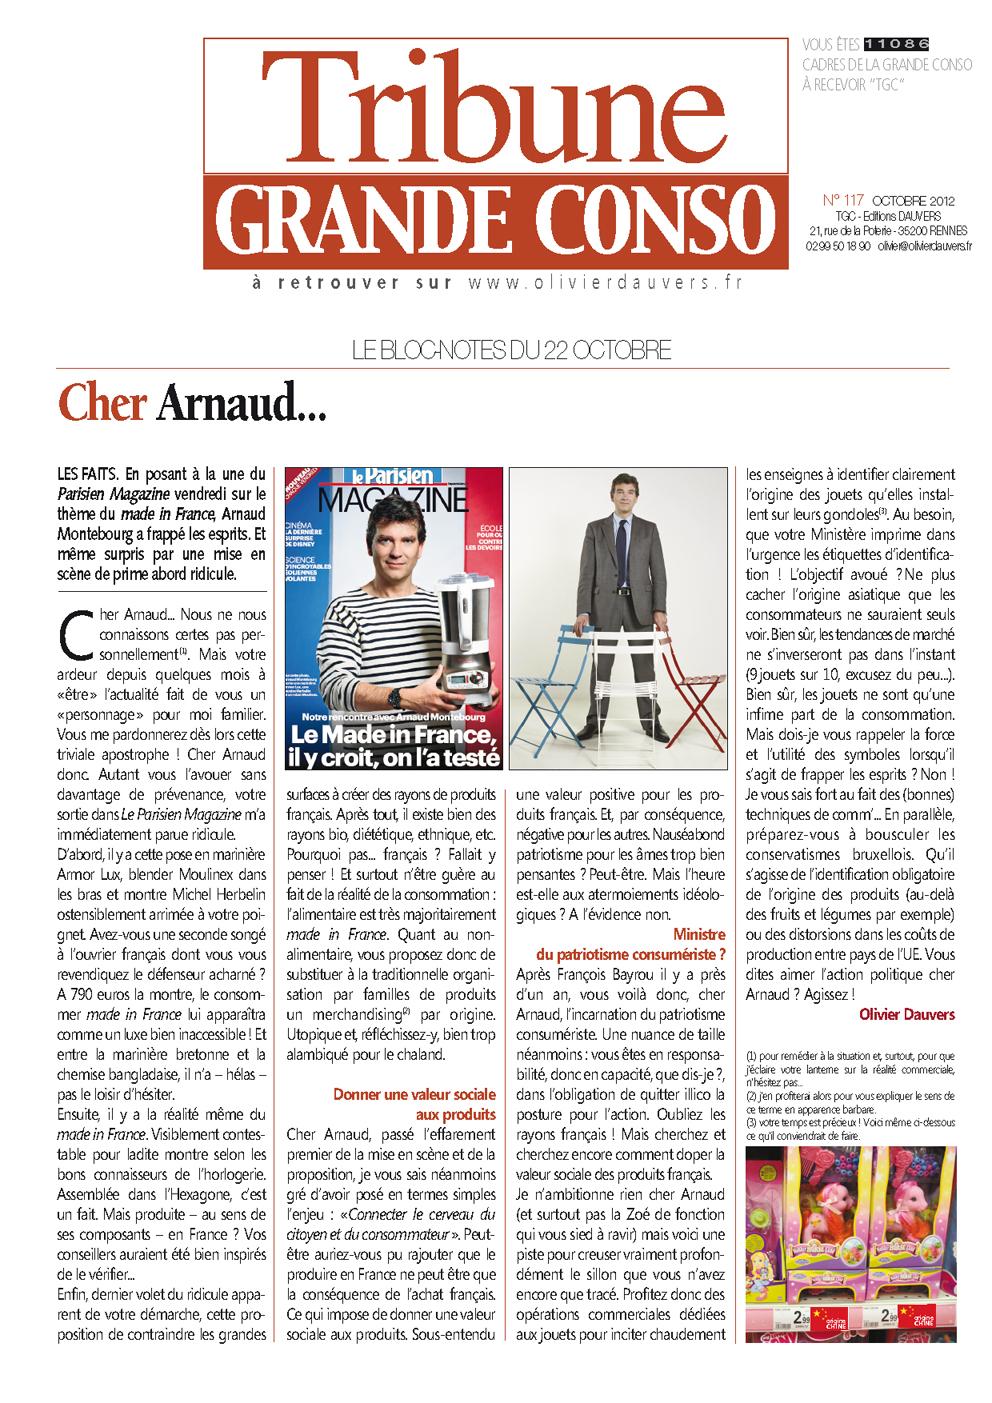 Cher Arnaud…